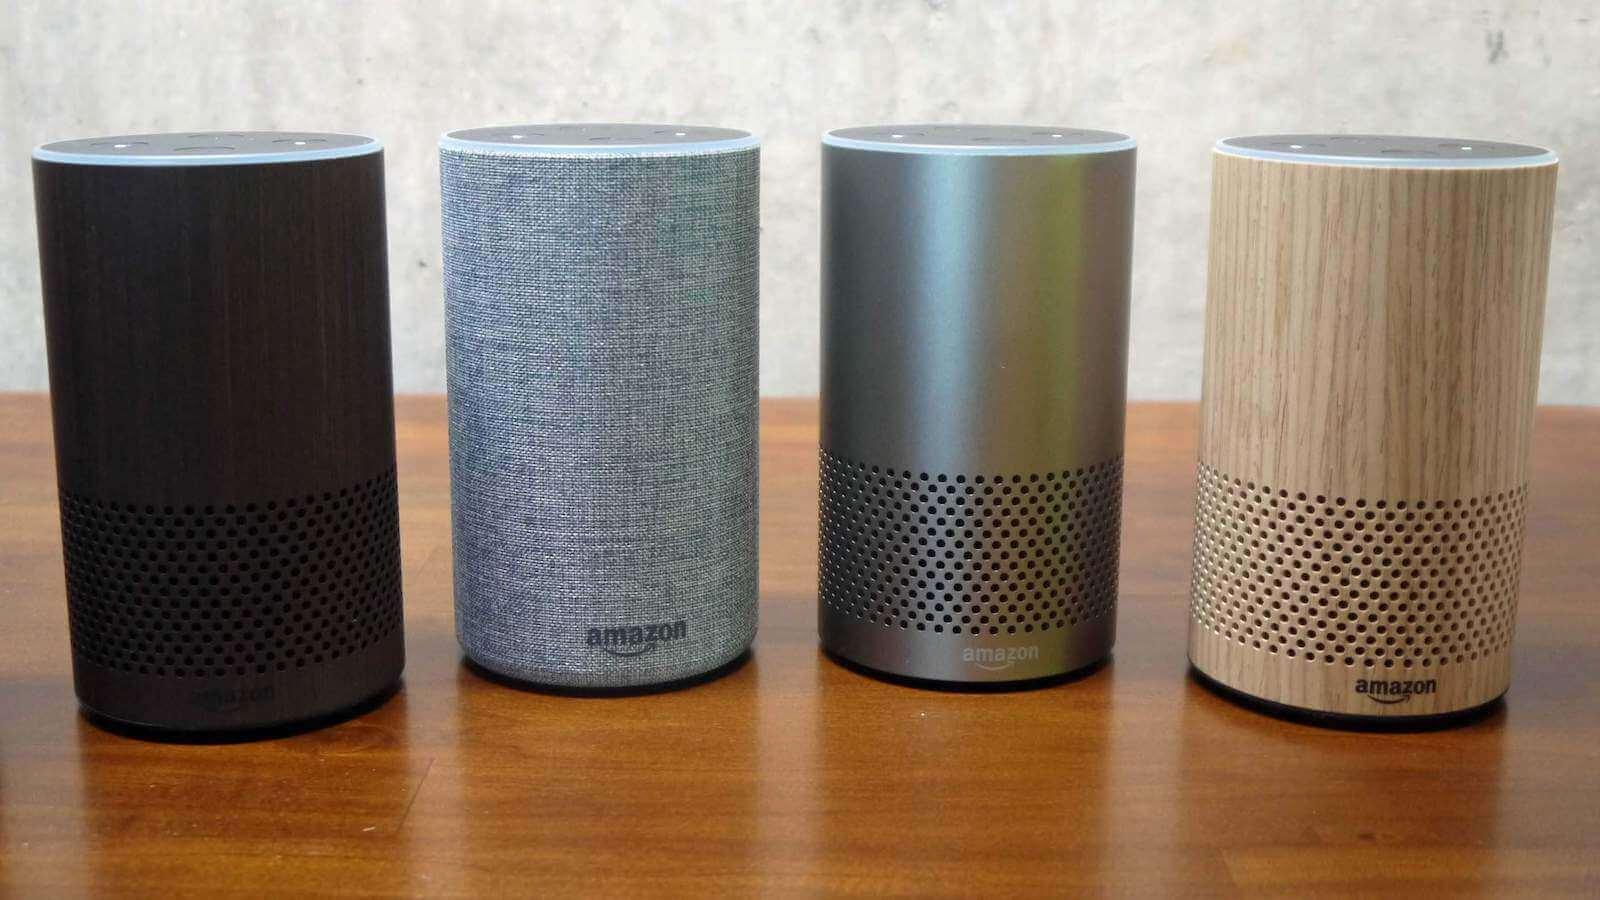 Amazon Echo serie 2